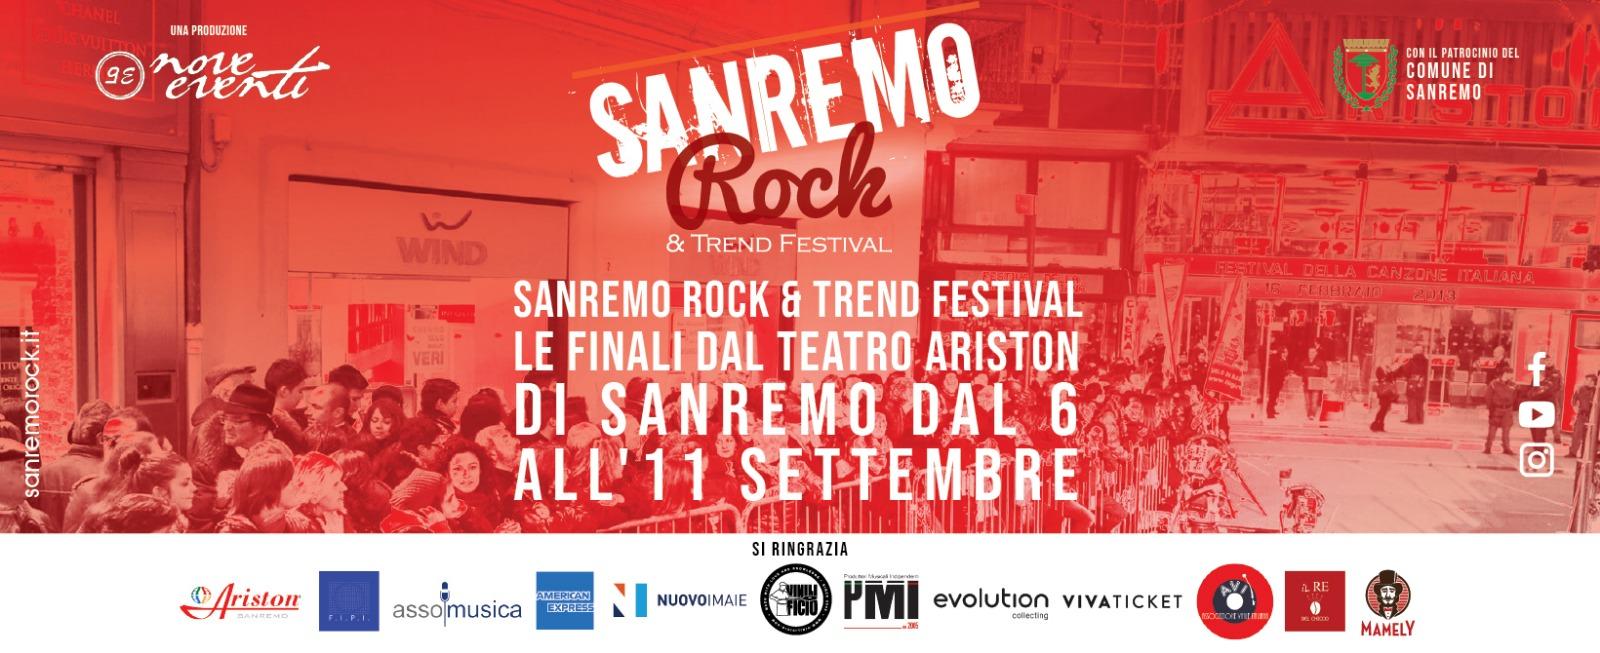 Sanremo Rock & Trend Festival Teatro Ariston dal 6 all'11 Settembre Sanremo.